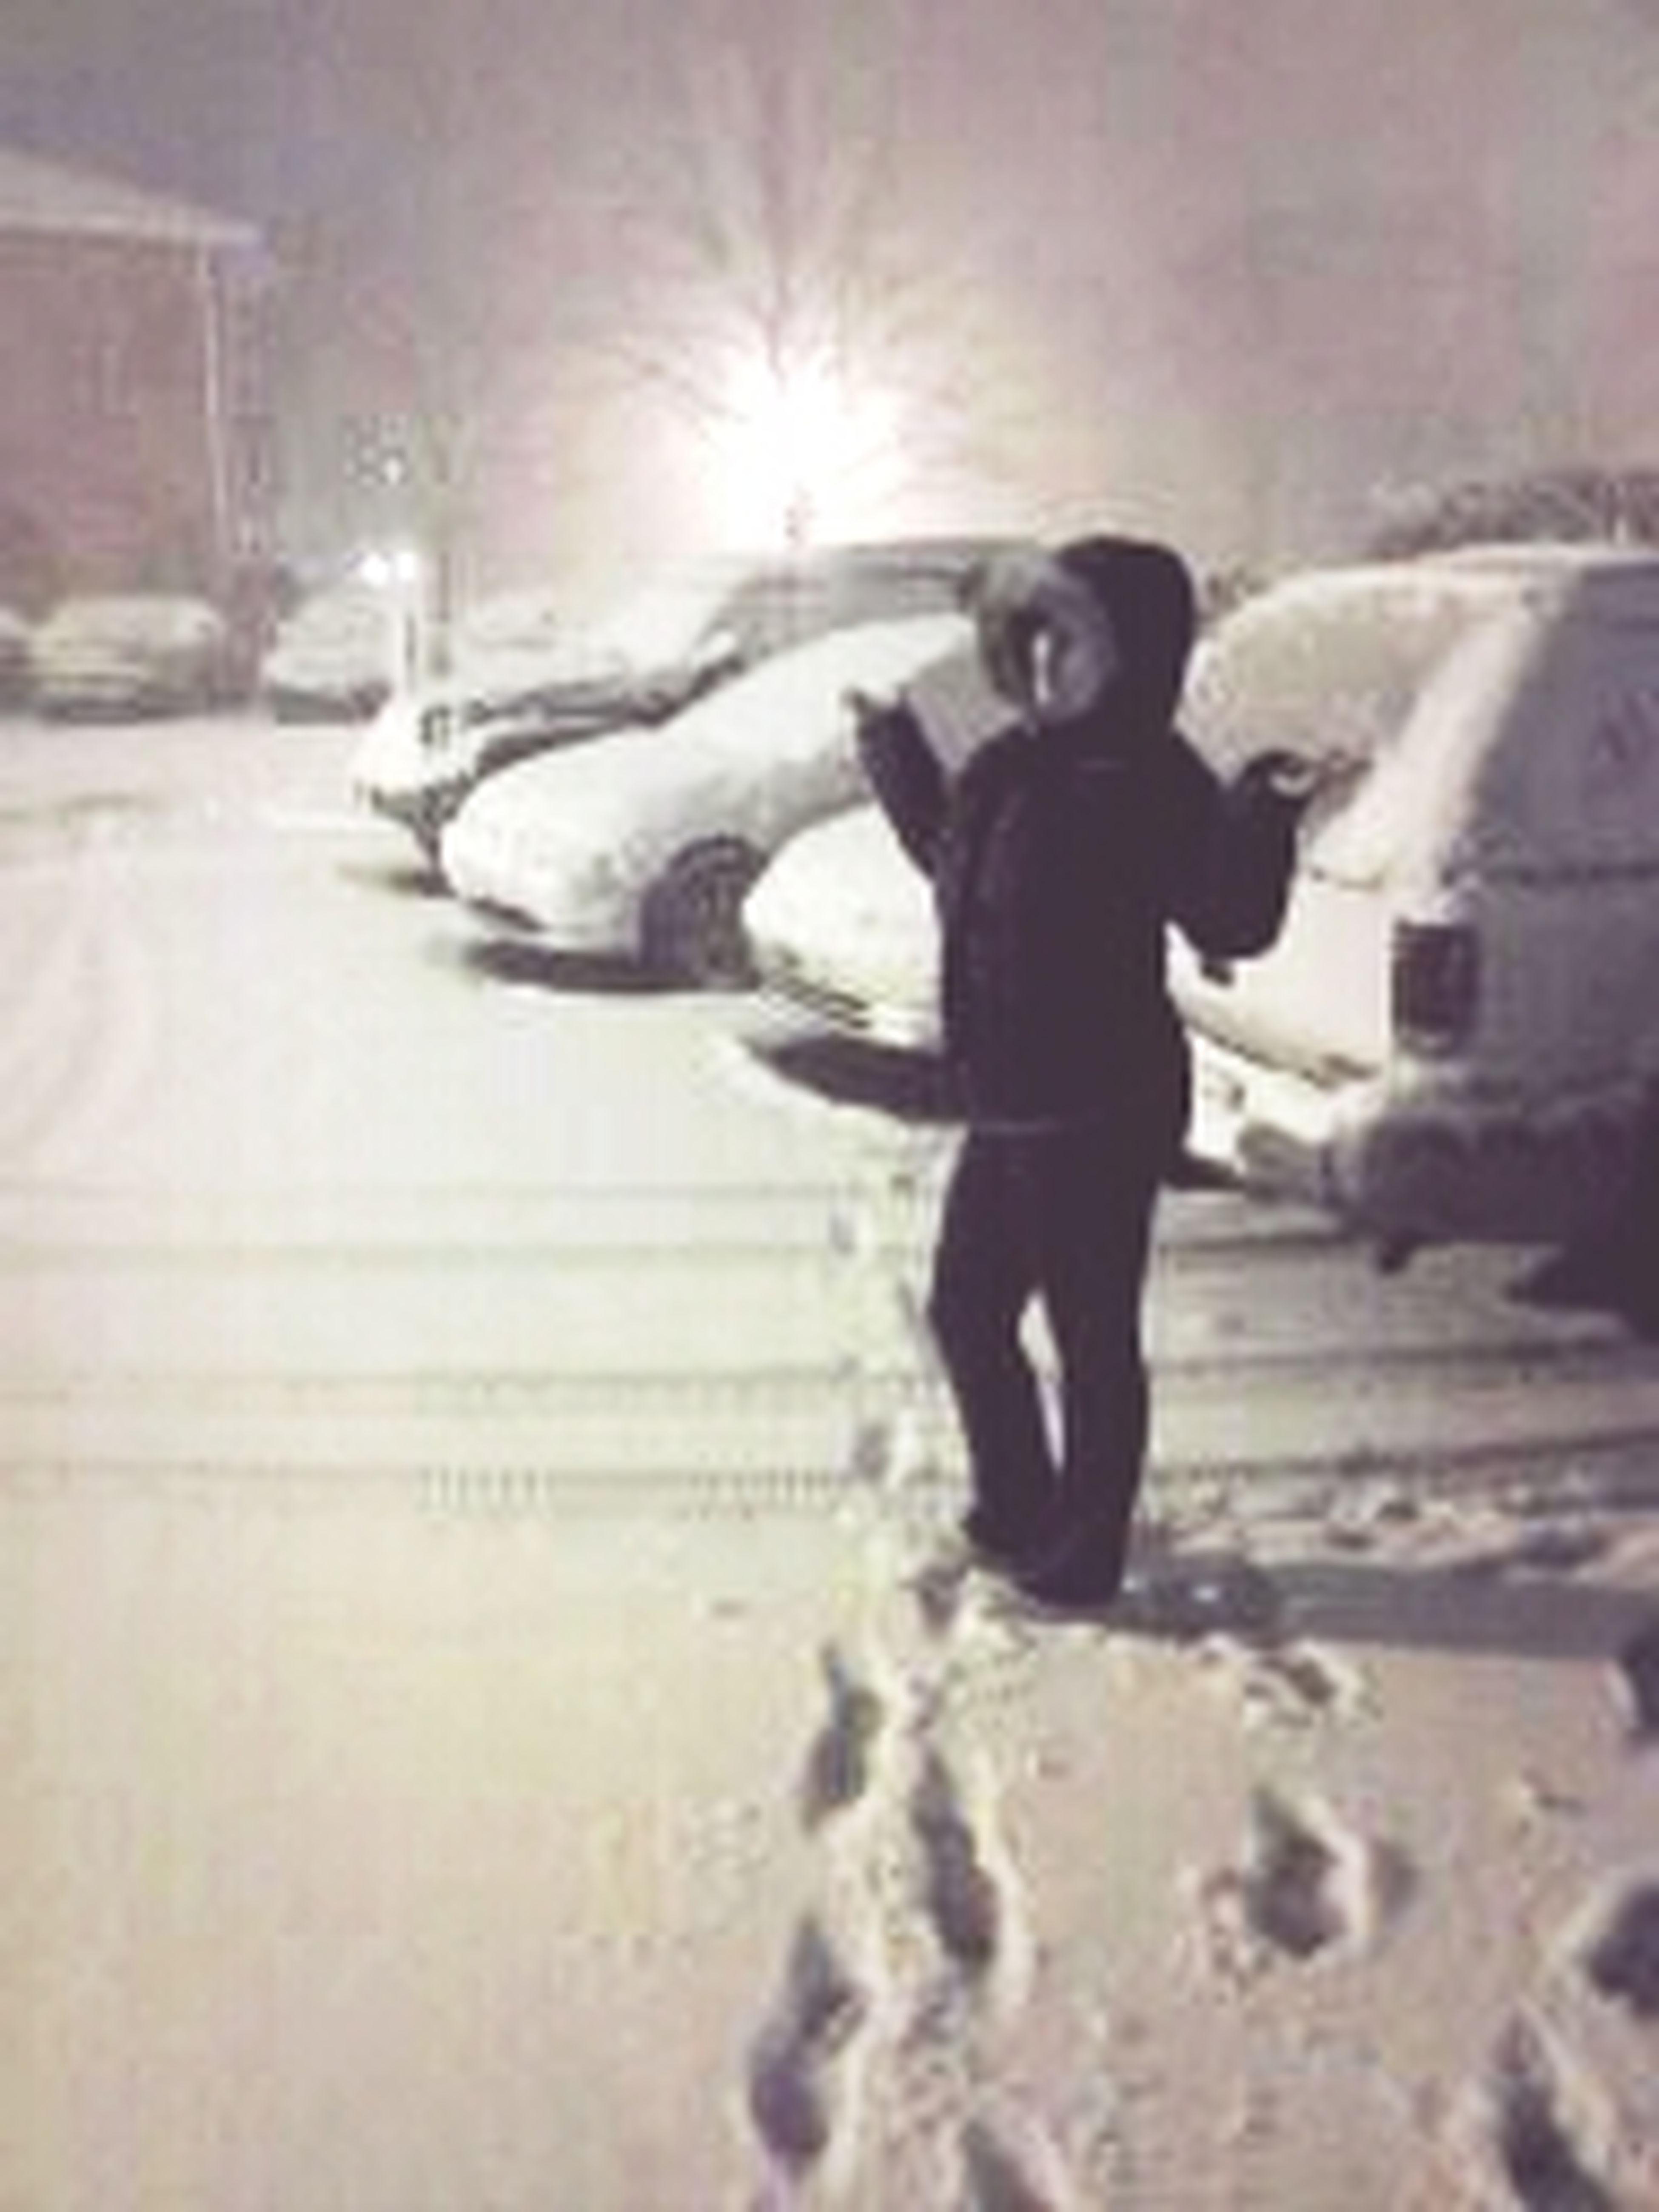 Snowinnnnng